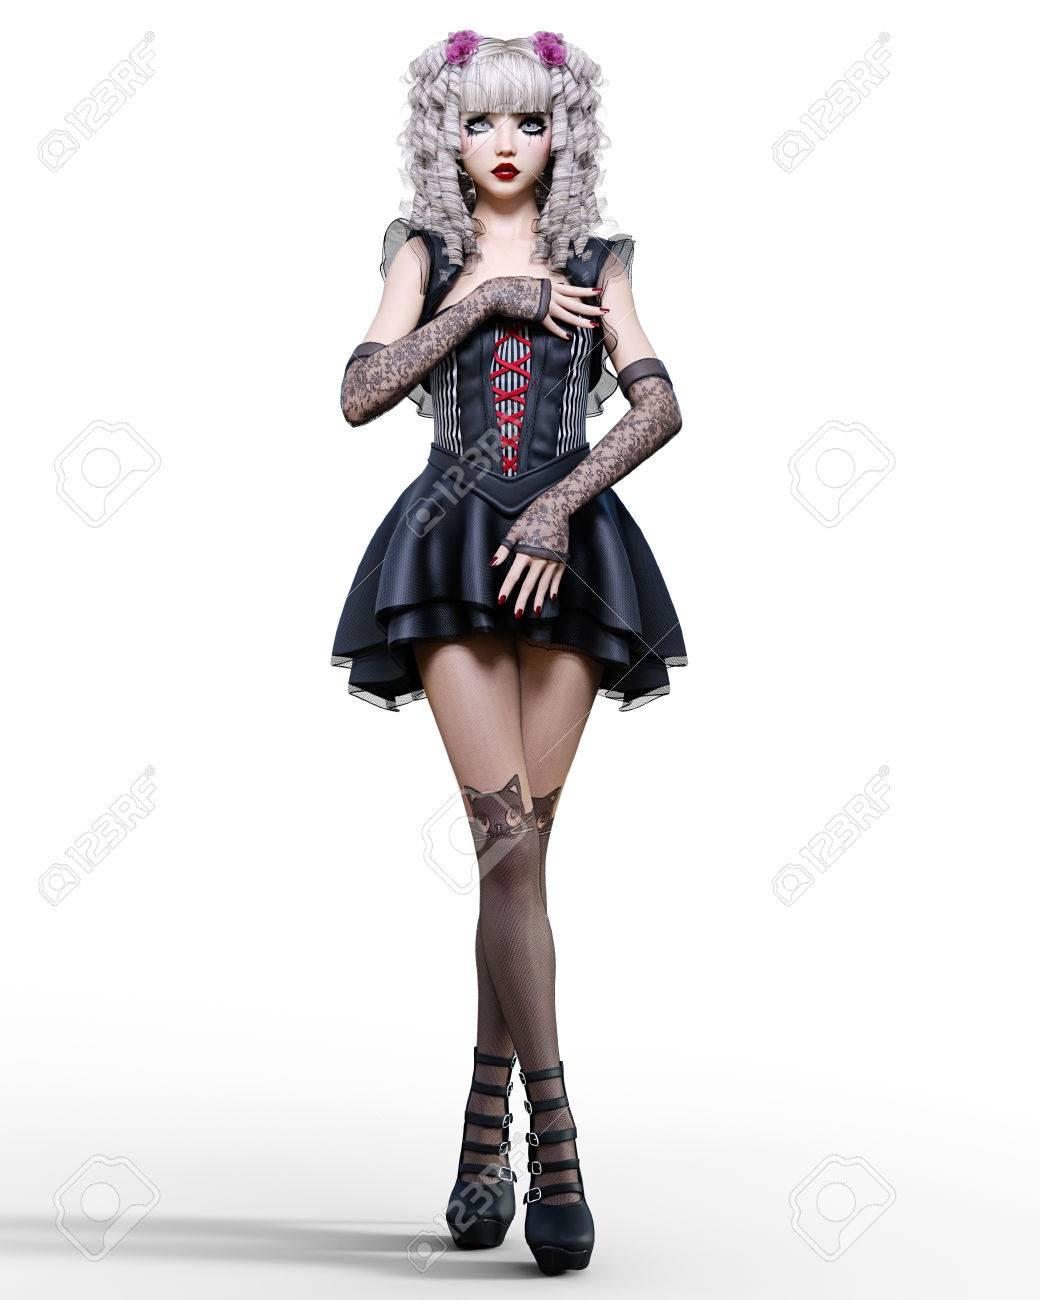 ca0992b5a Foto de archivo - Hermosa joven mujer gótica posando sesión de fotos.  Vestido negro corto, medias oscuras, zapatos. Cabello largo y rubio.